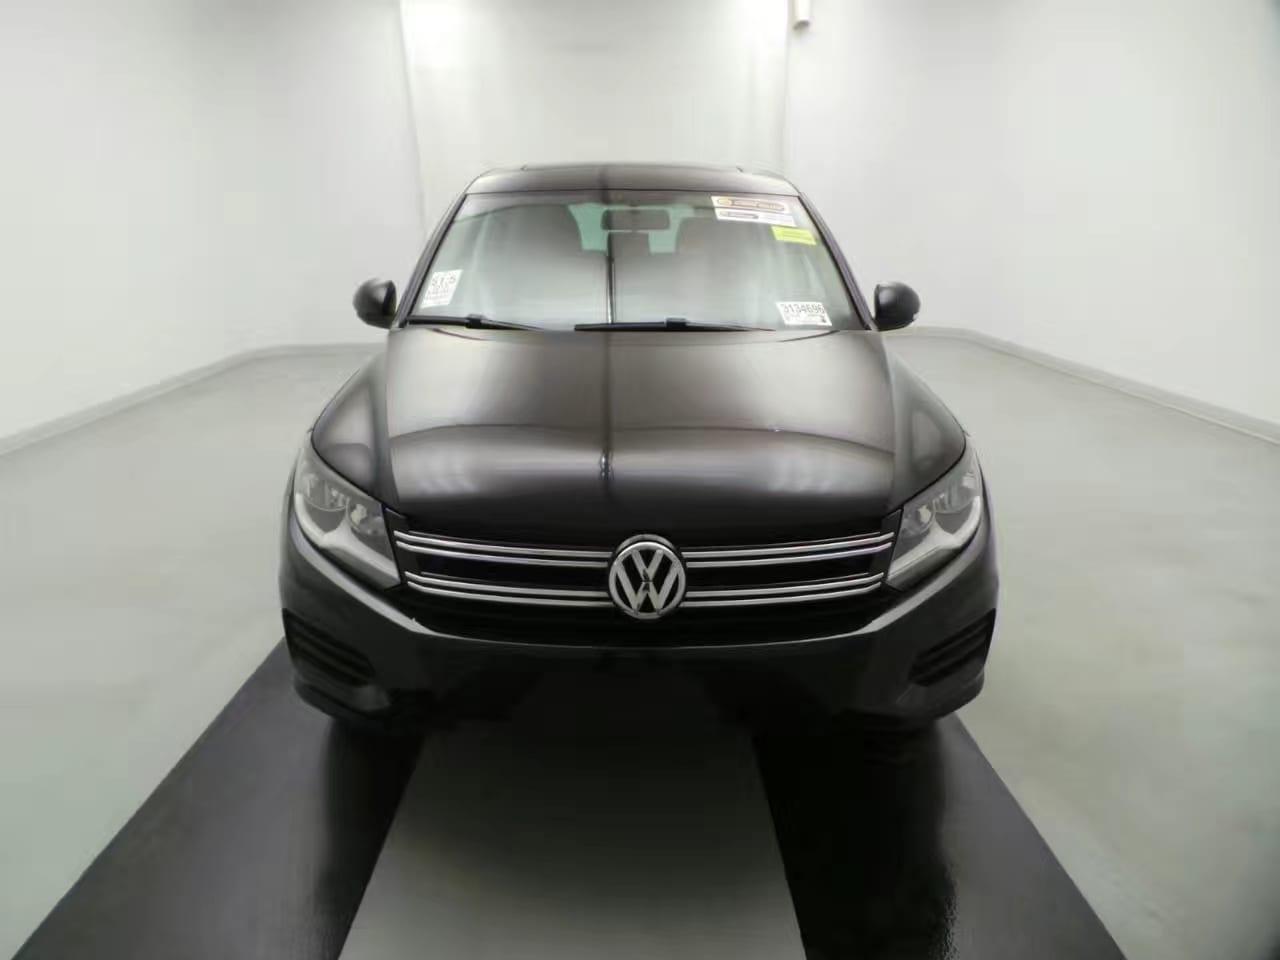 二手车网 香港 二手 GA Georgia 佐治亚州 奥尔巴尼 albany Volkswagen 大众